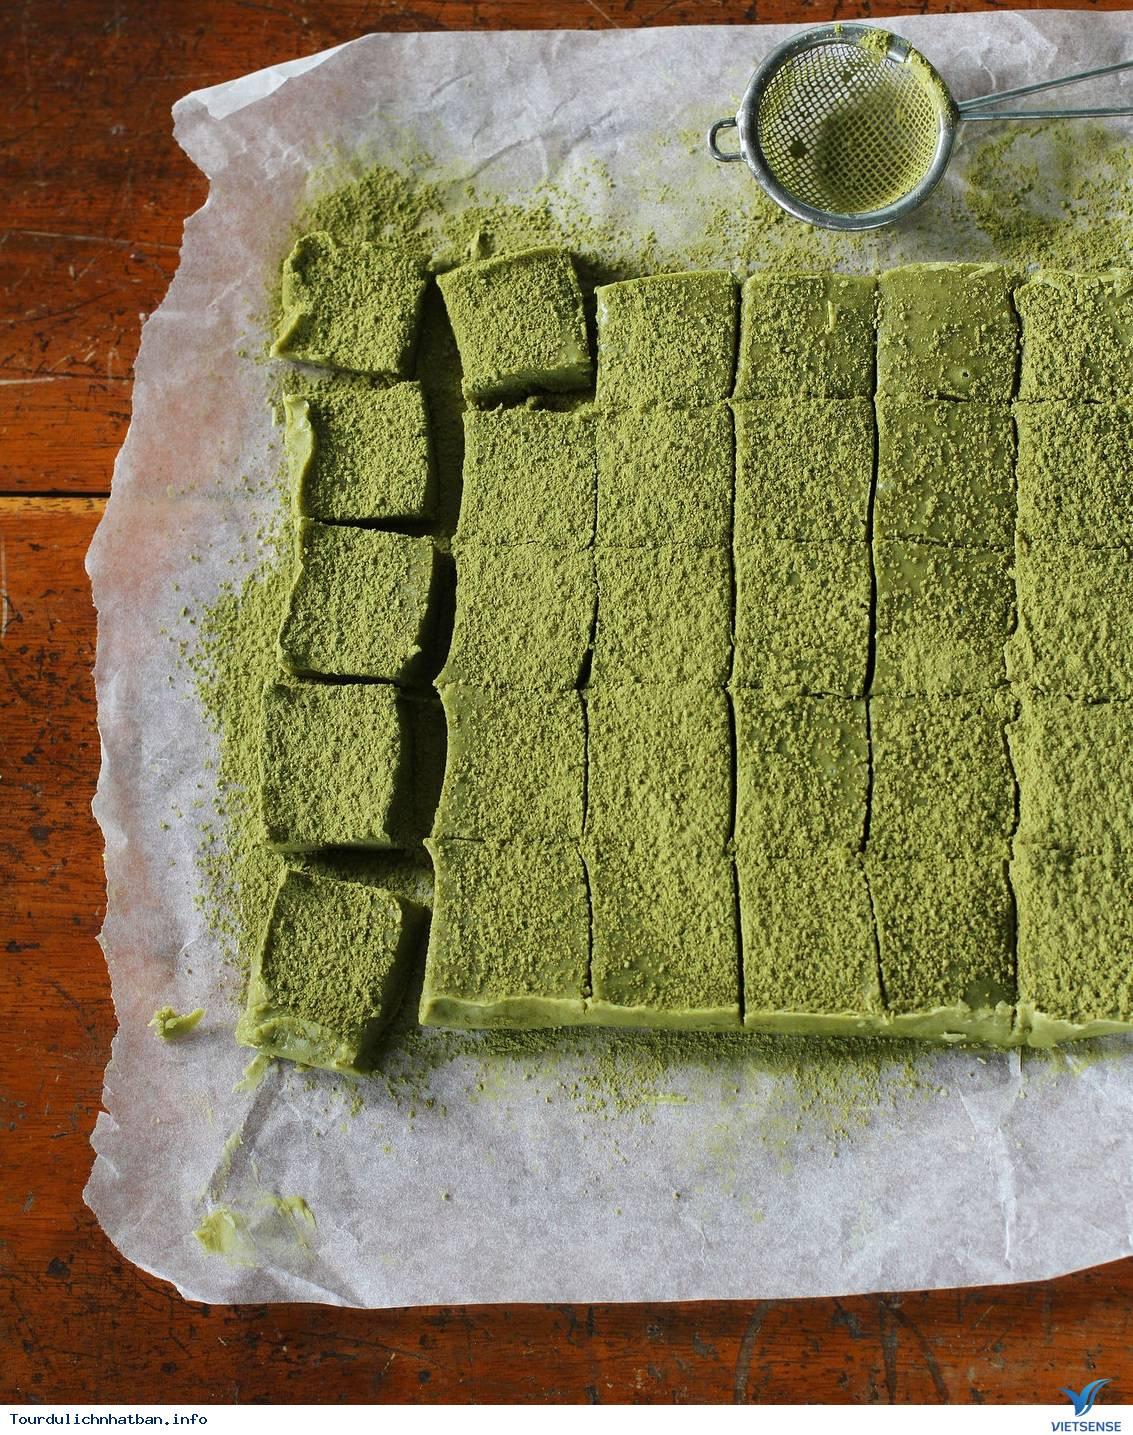 Văn hóa ẩm thực Nhật Bản truyền thống - Ảnh 3